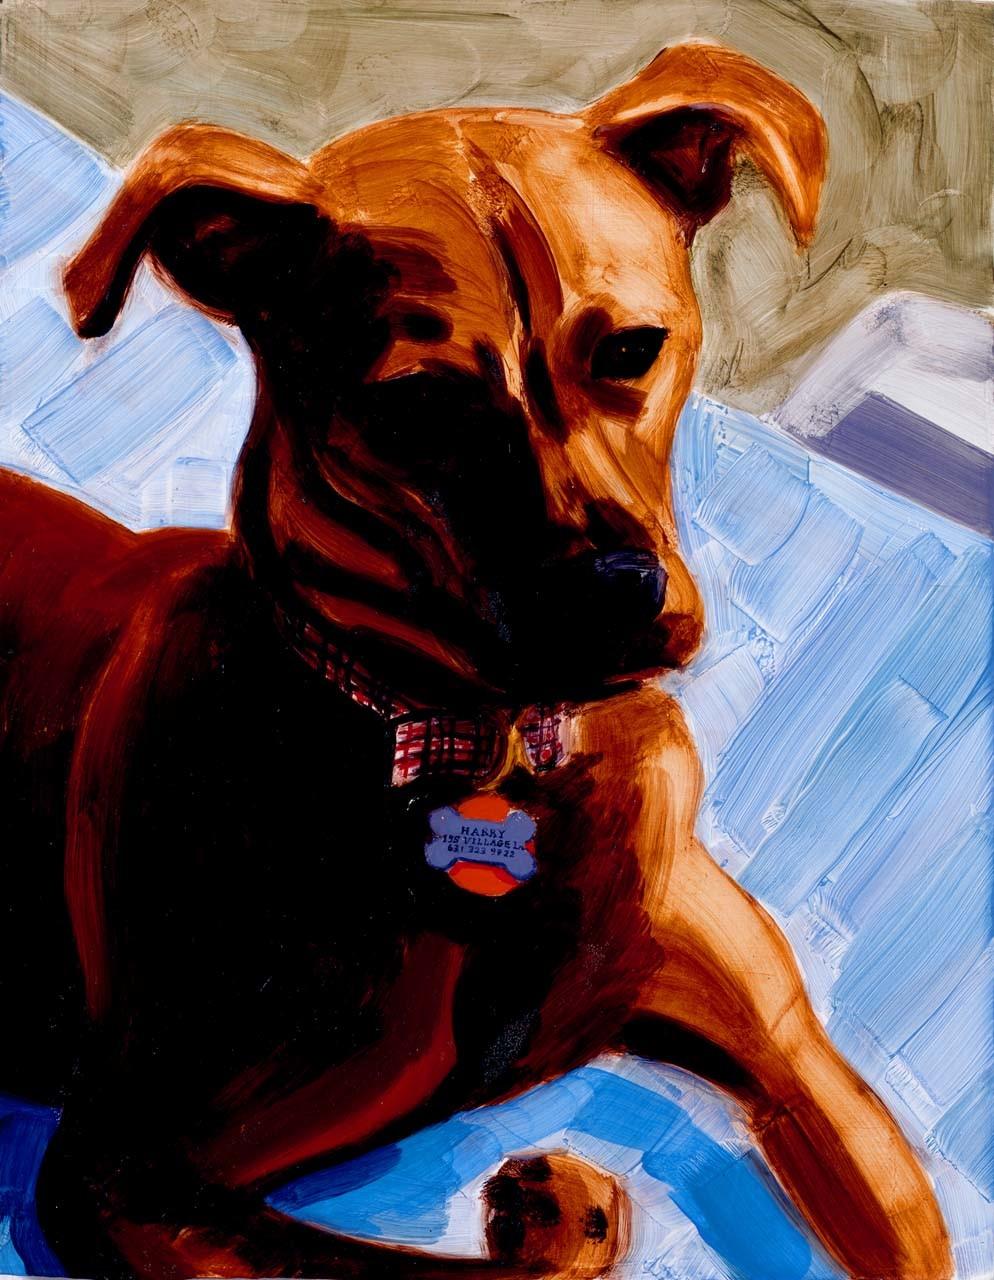 """<div class=""""artwork_caption""""><p>Dark (Harry), 2002</p></div>"""